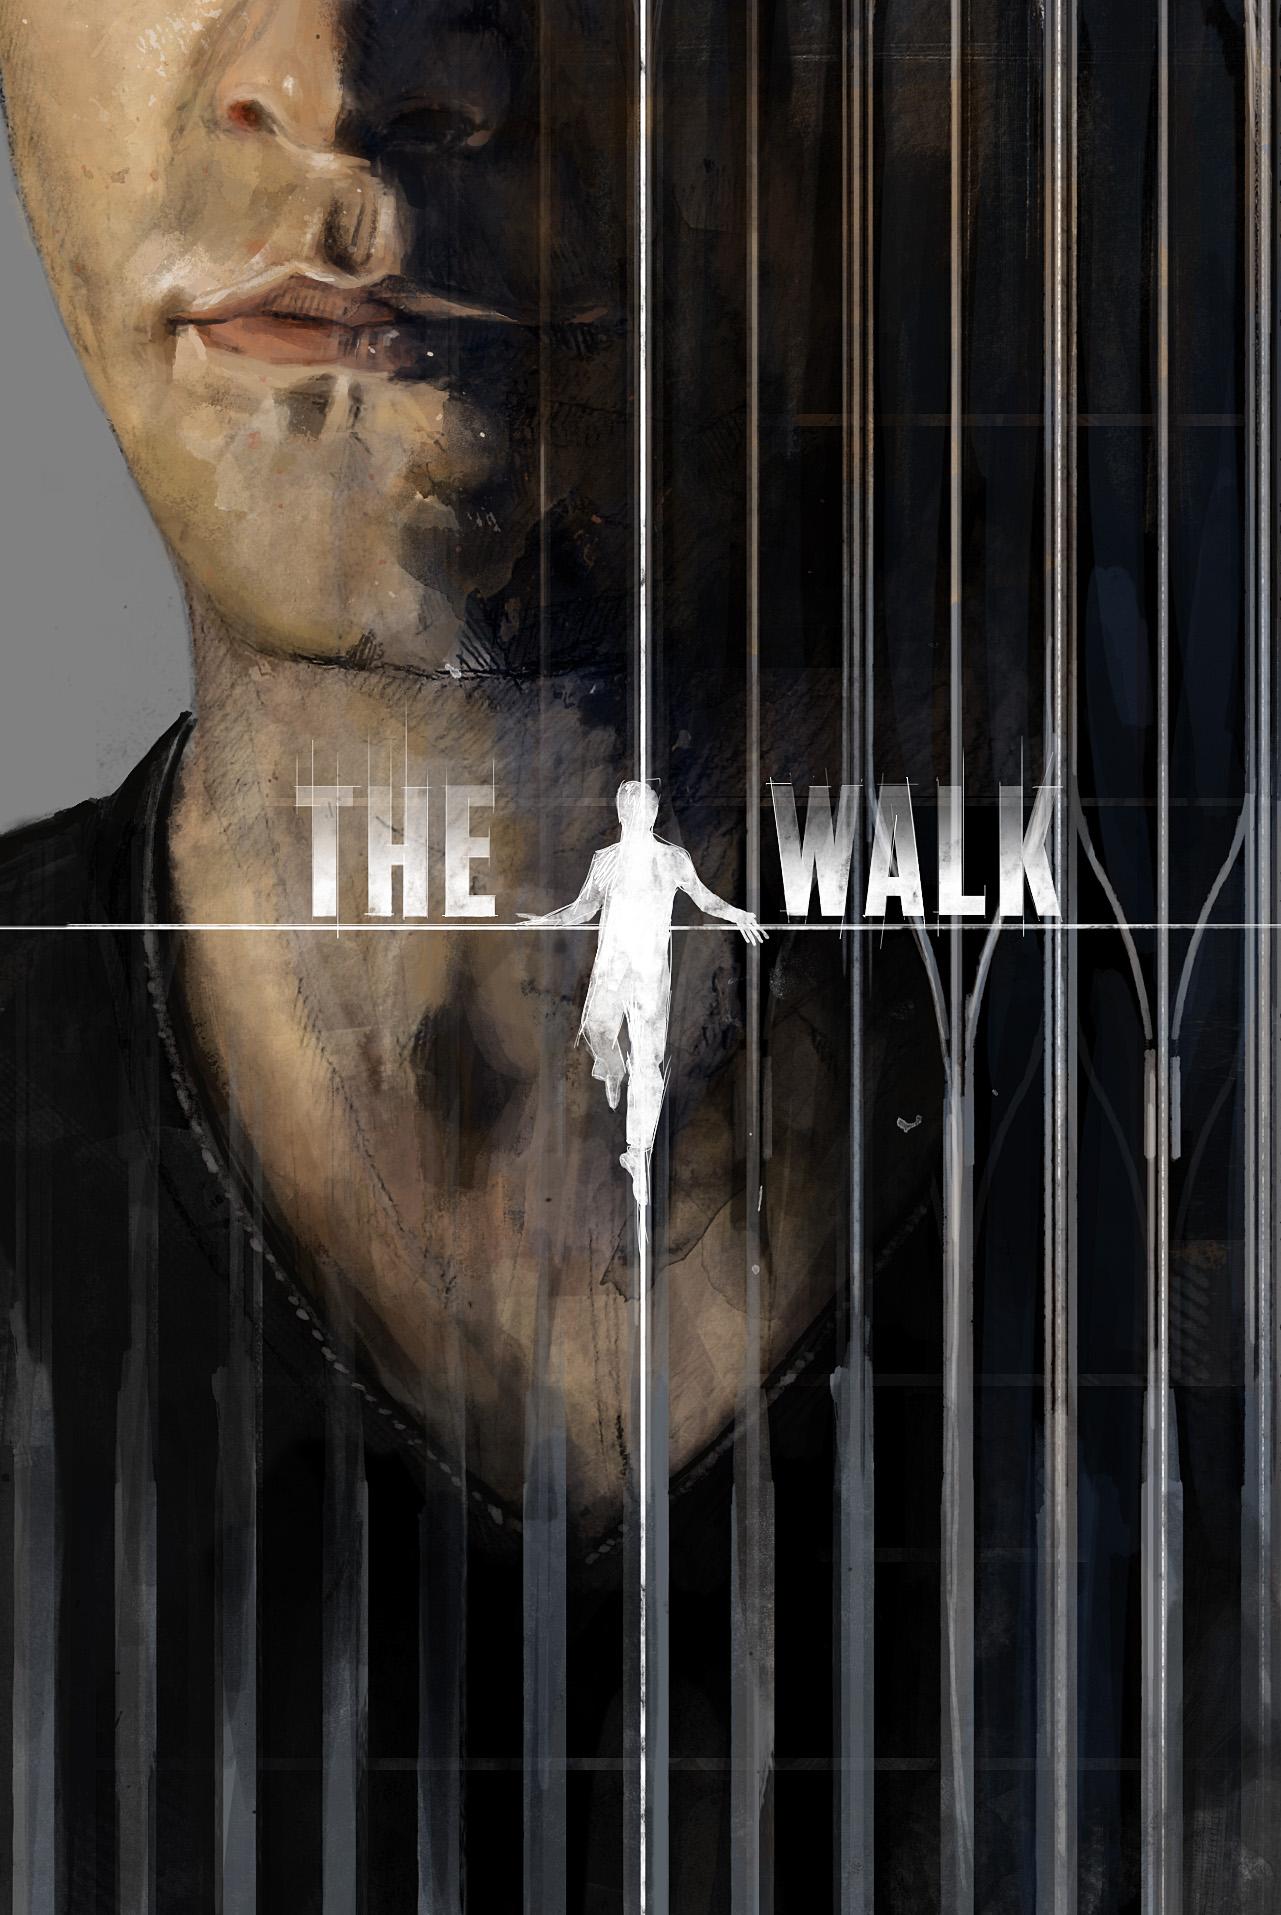 THE WALK_04.jpg